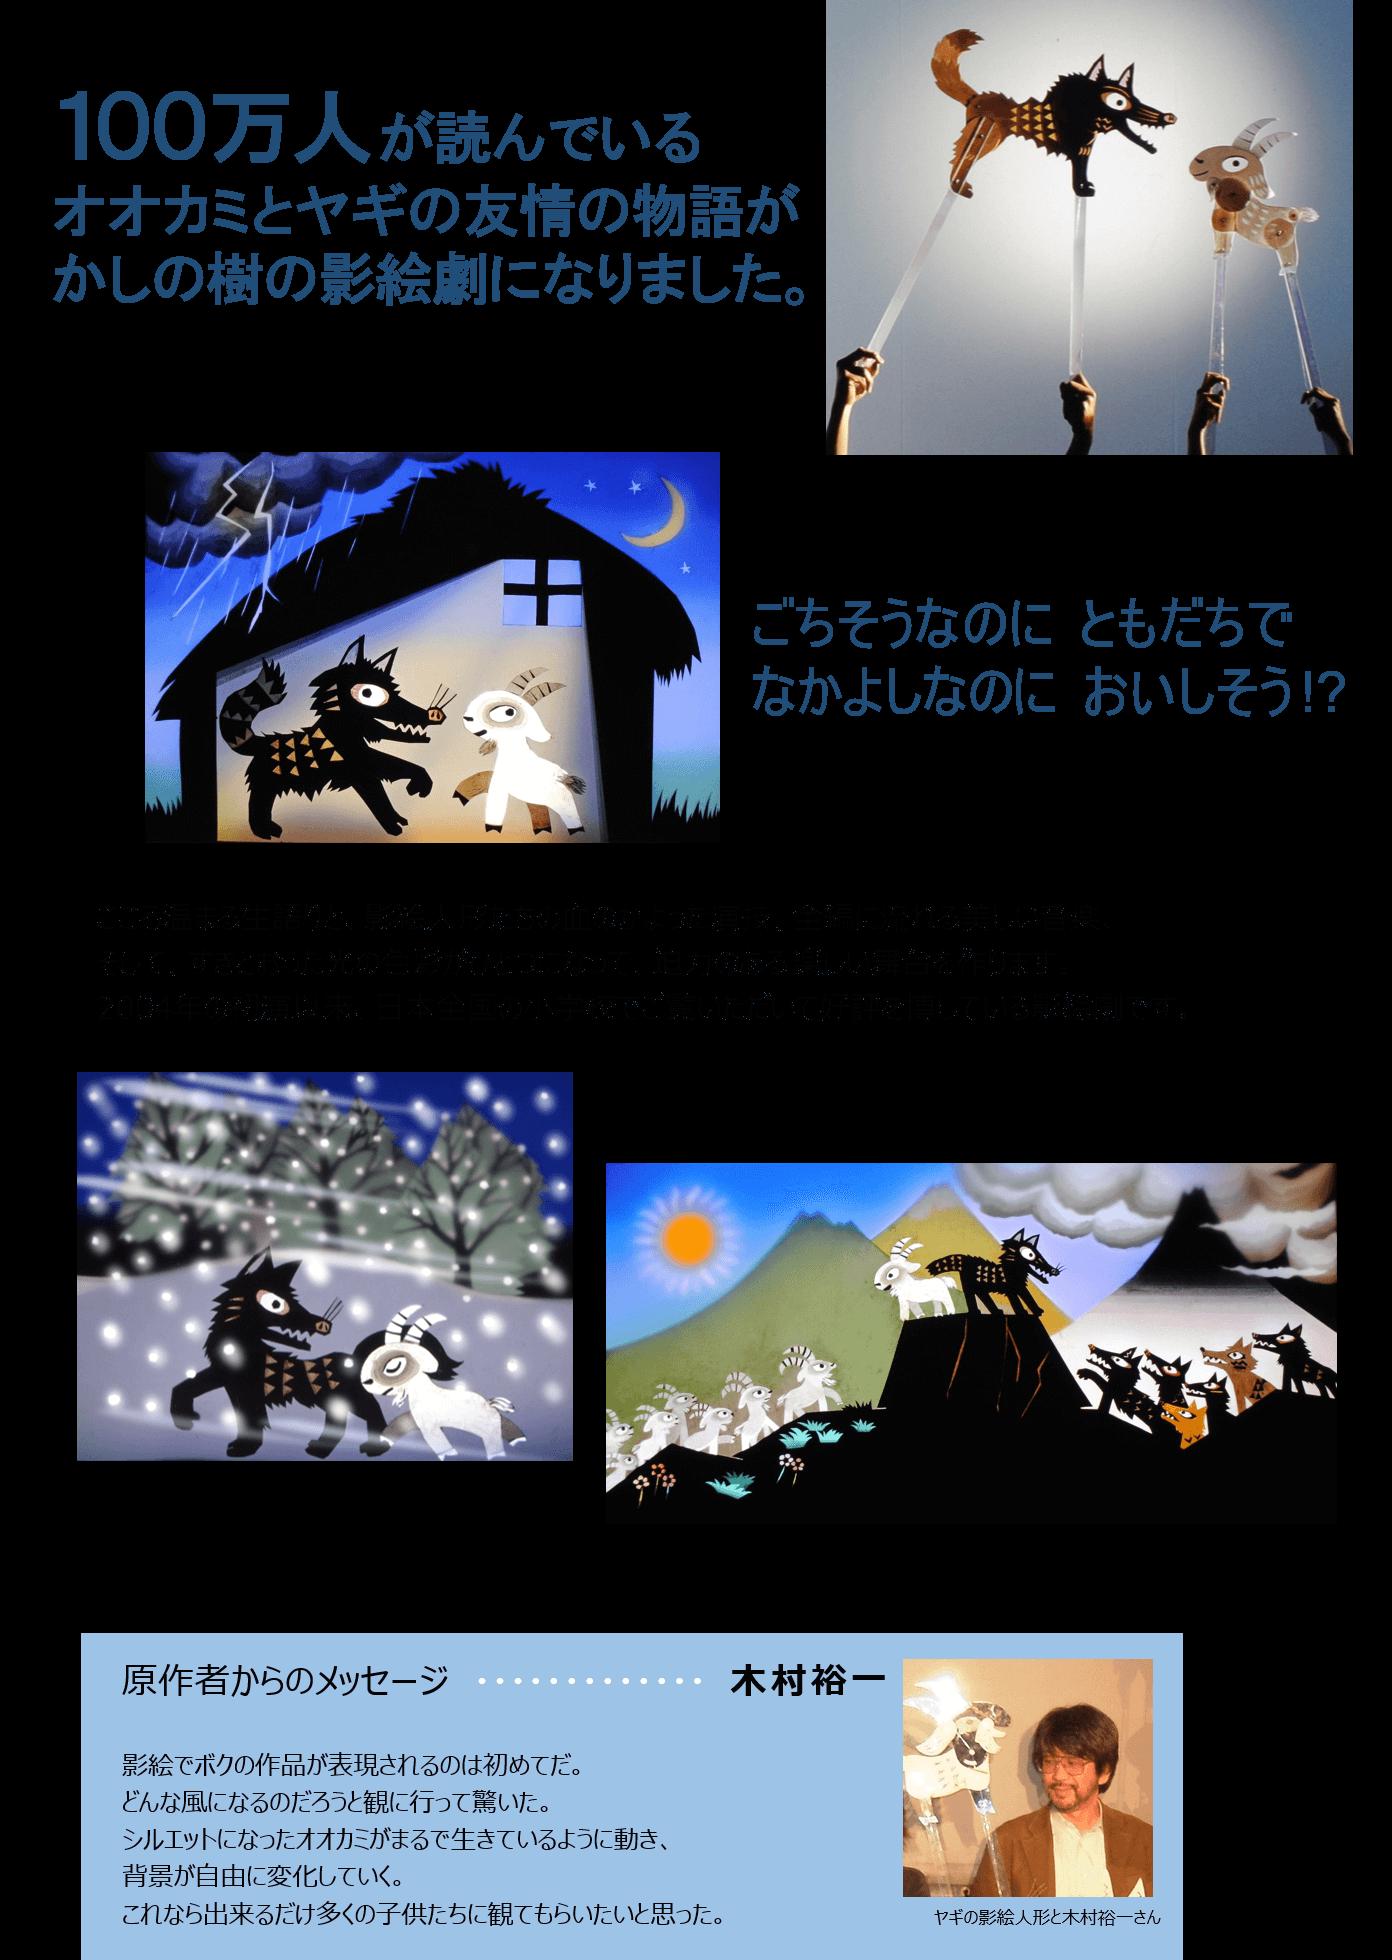 演劇鑑賞教室 影絵劇 あらしのよるに (1)